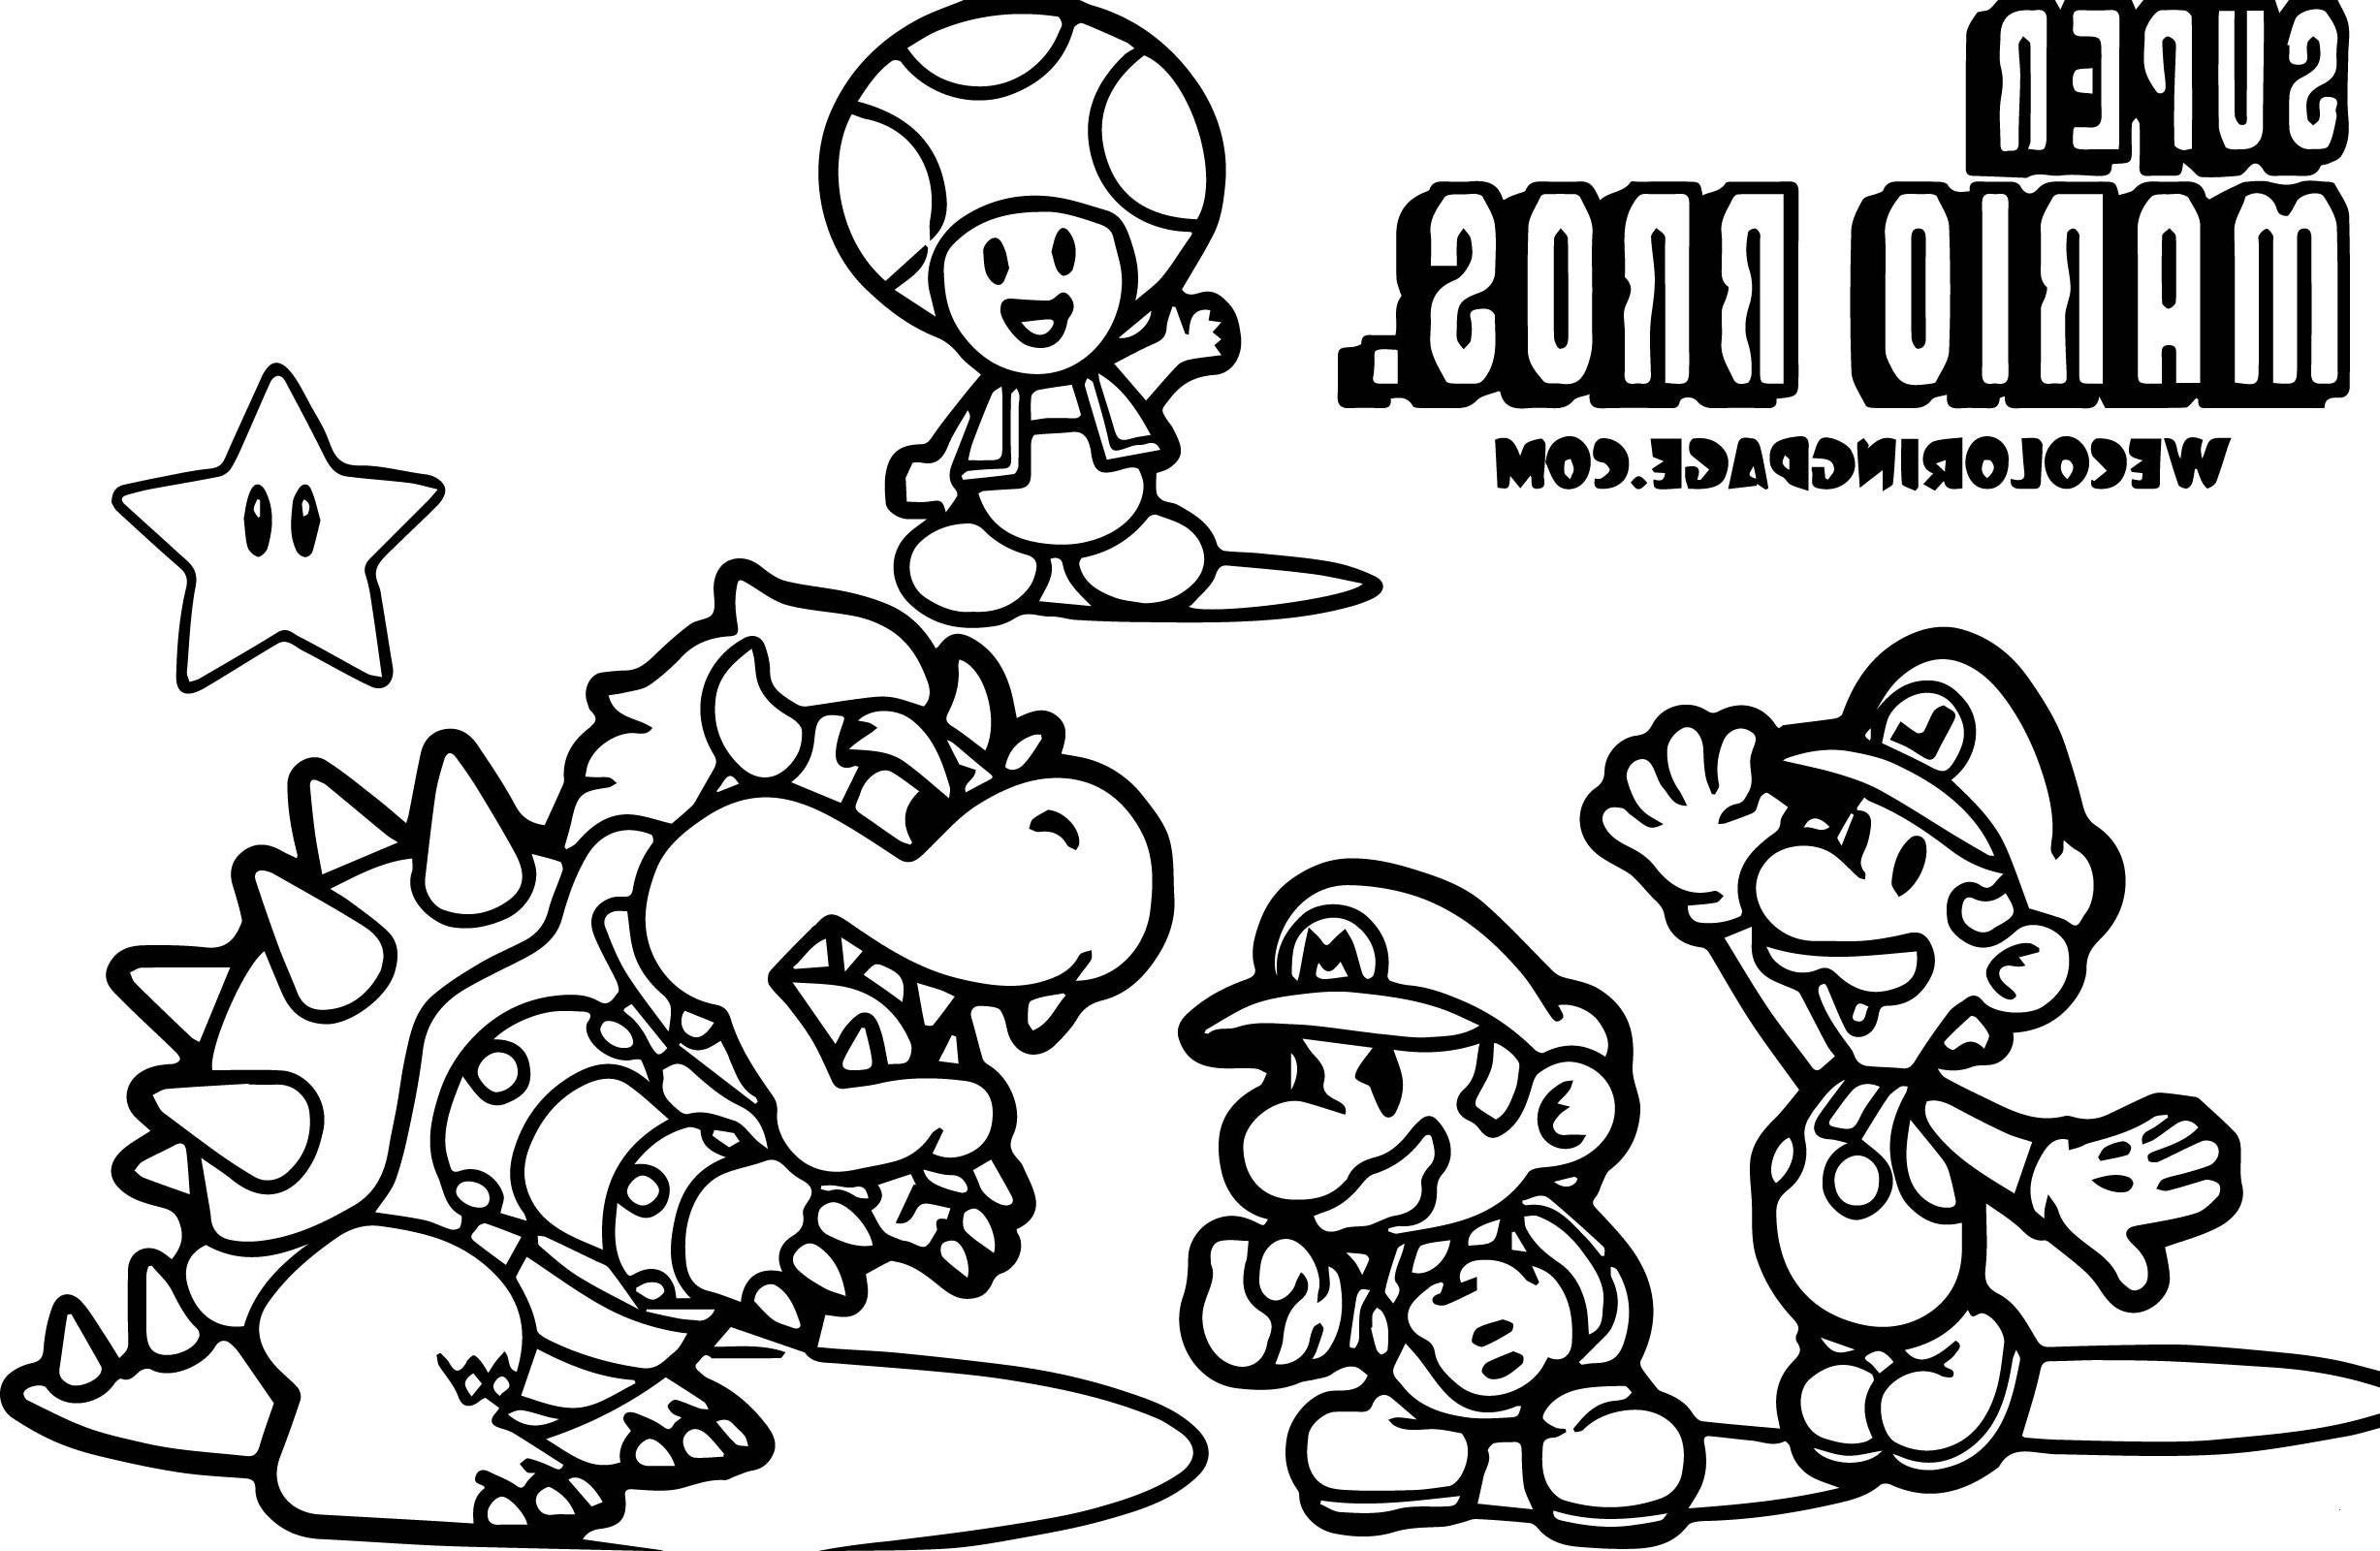 26 Ausmalbilder Super Mario 26d World - Besten Bilder von ausmalbilder